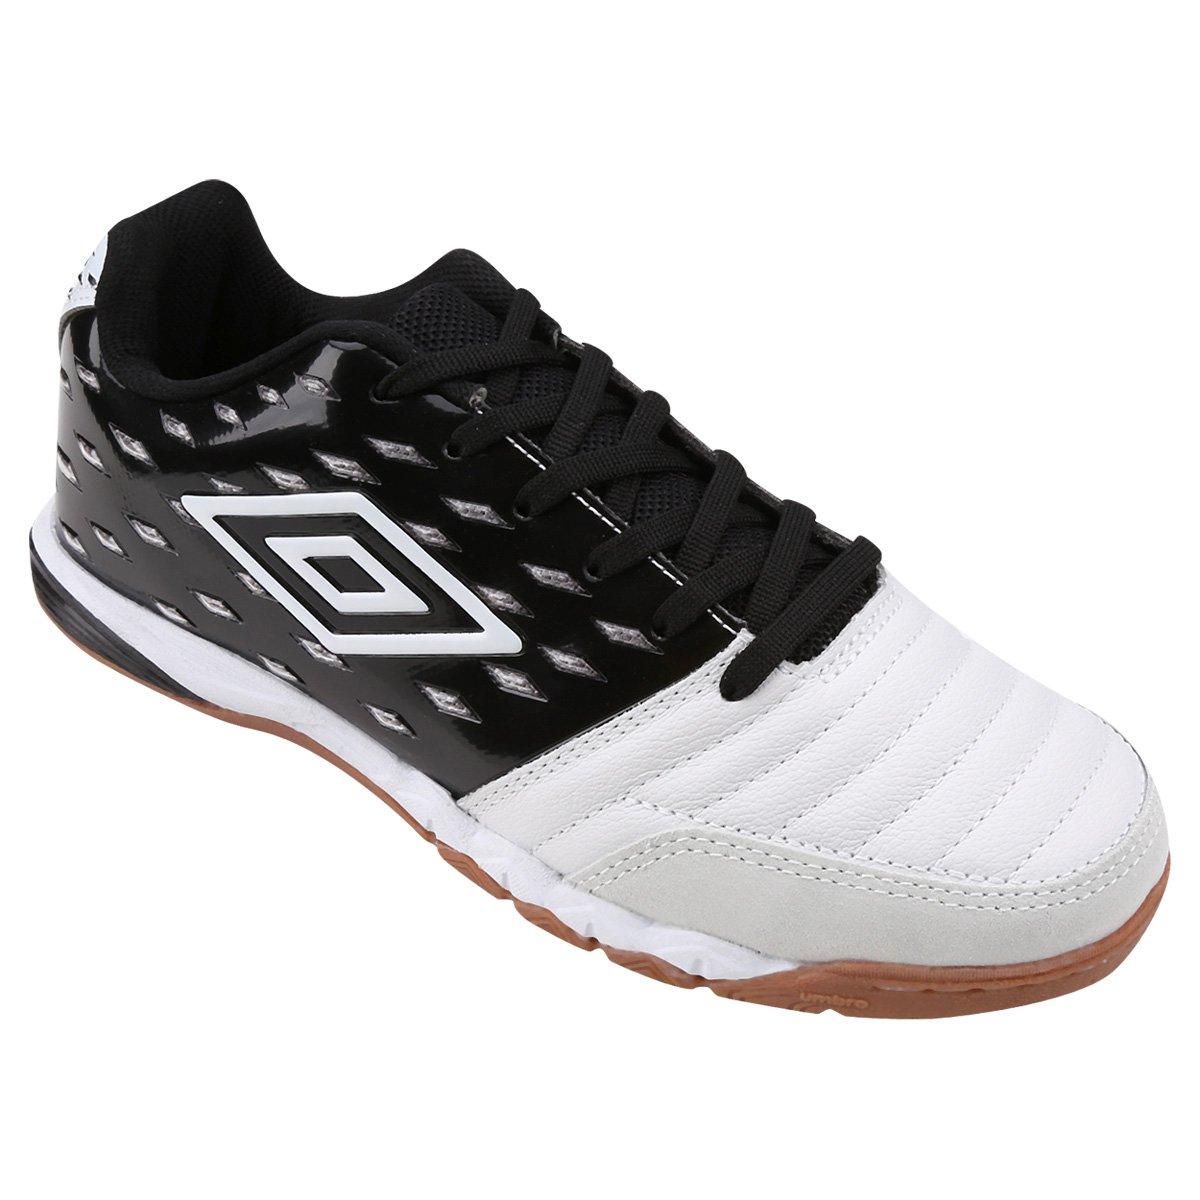 25560aad1c Chuteira Futsal Umbro Stratus Pro - Compre Agora